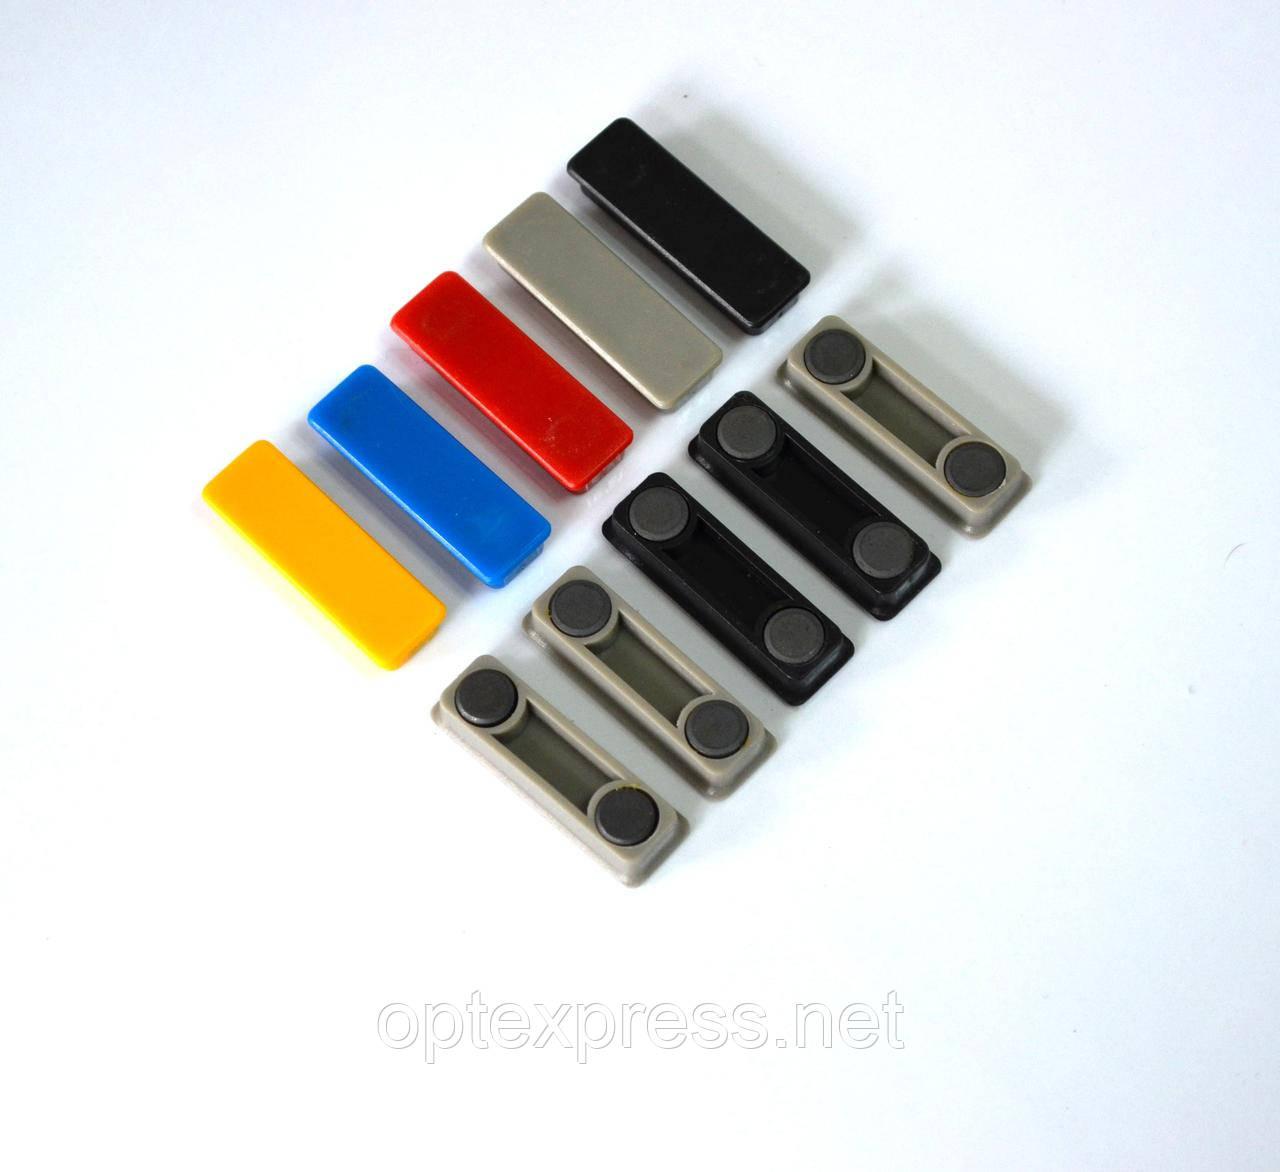 Магниты офисные для магнитных досок и флипчартов ALCO 688